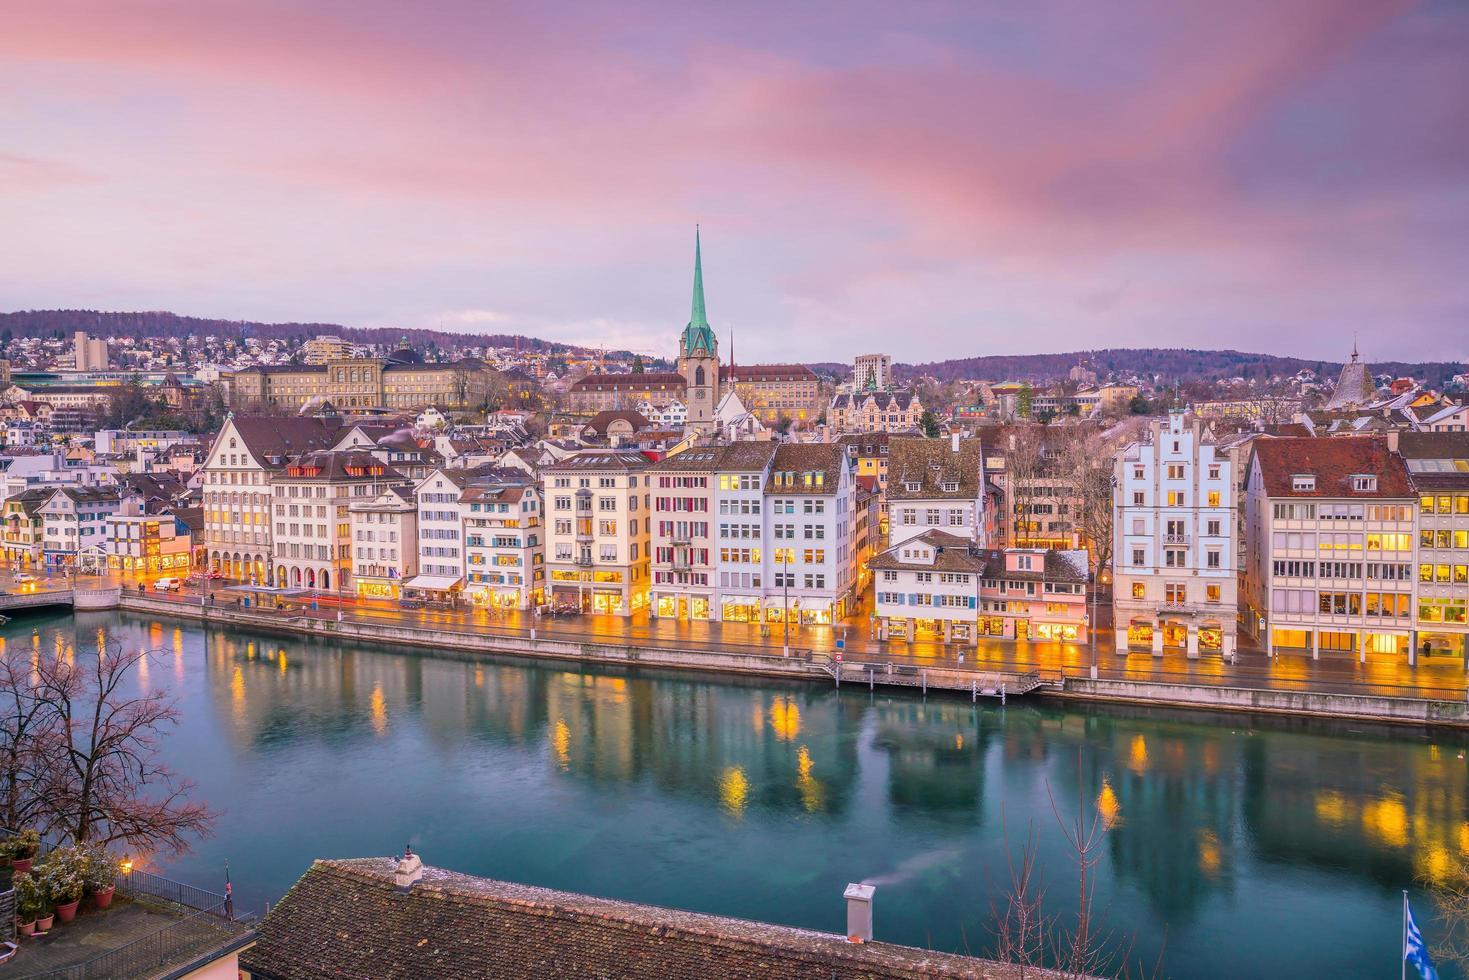 Paisaje urbano del centro de Zurich en Suiza foto